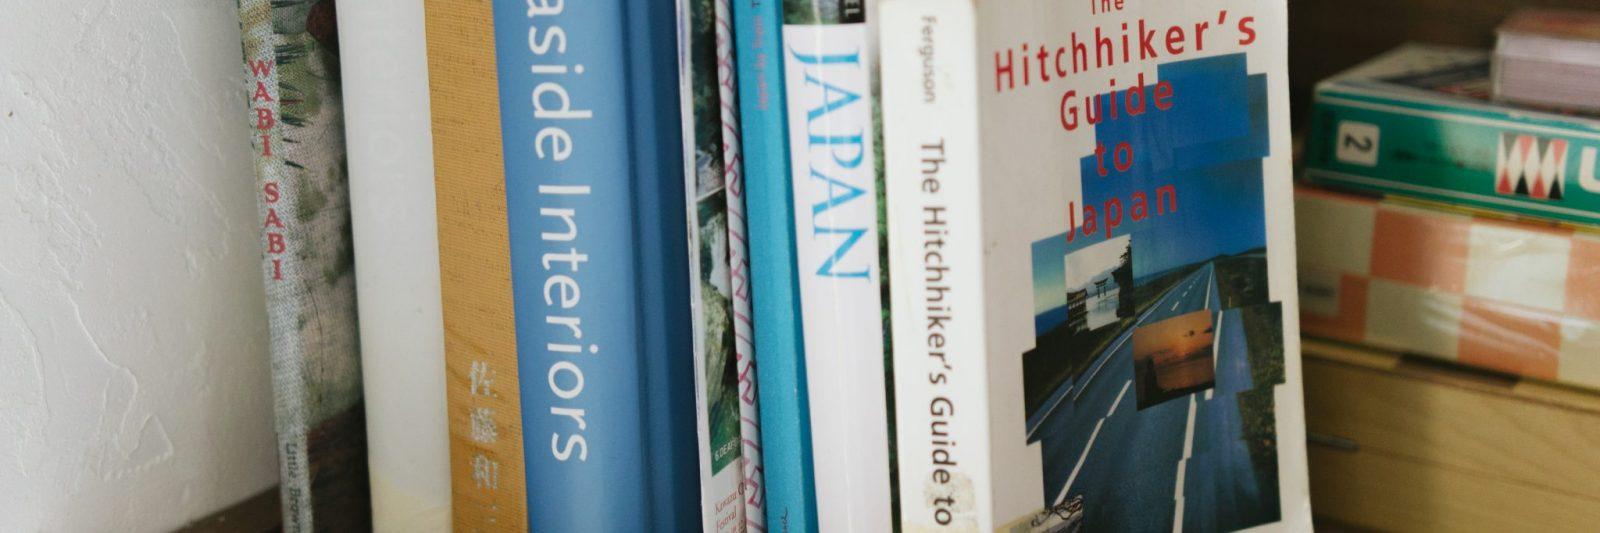 Book about Japan at Retreat wabi-sabi's guesthouse